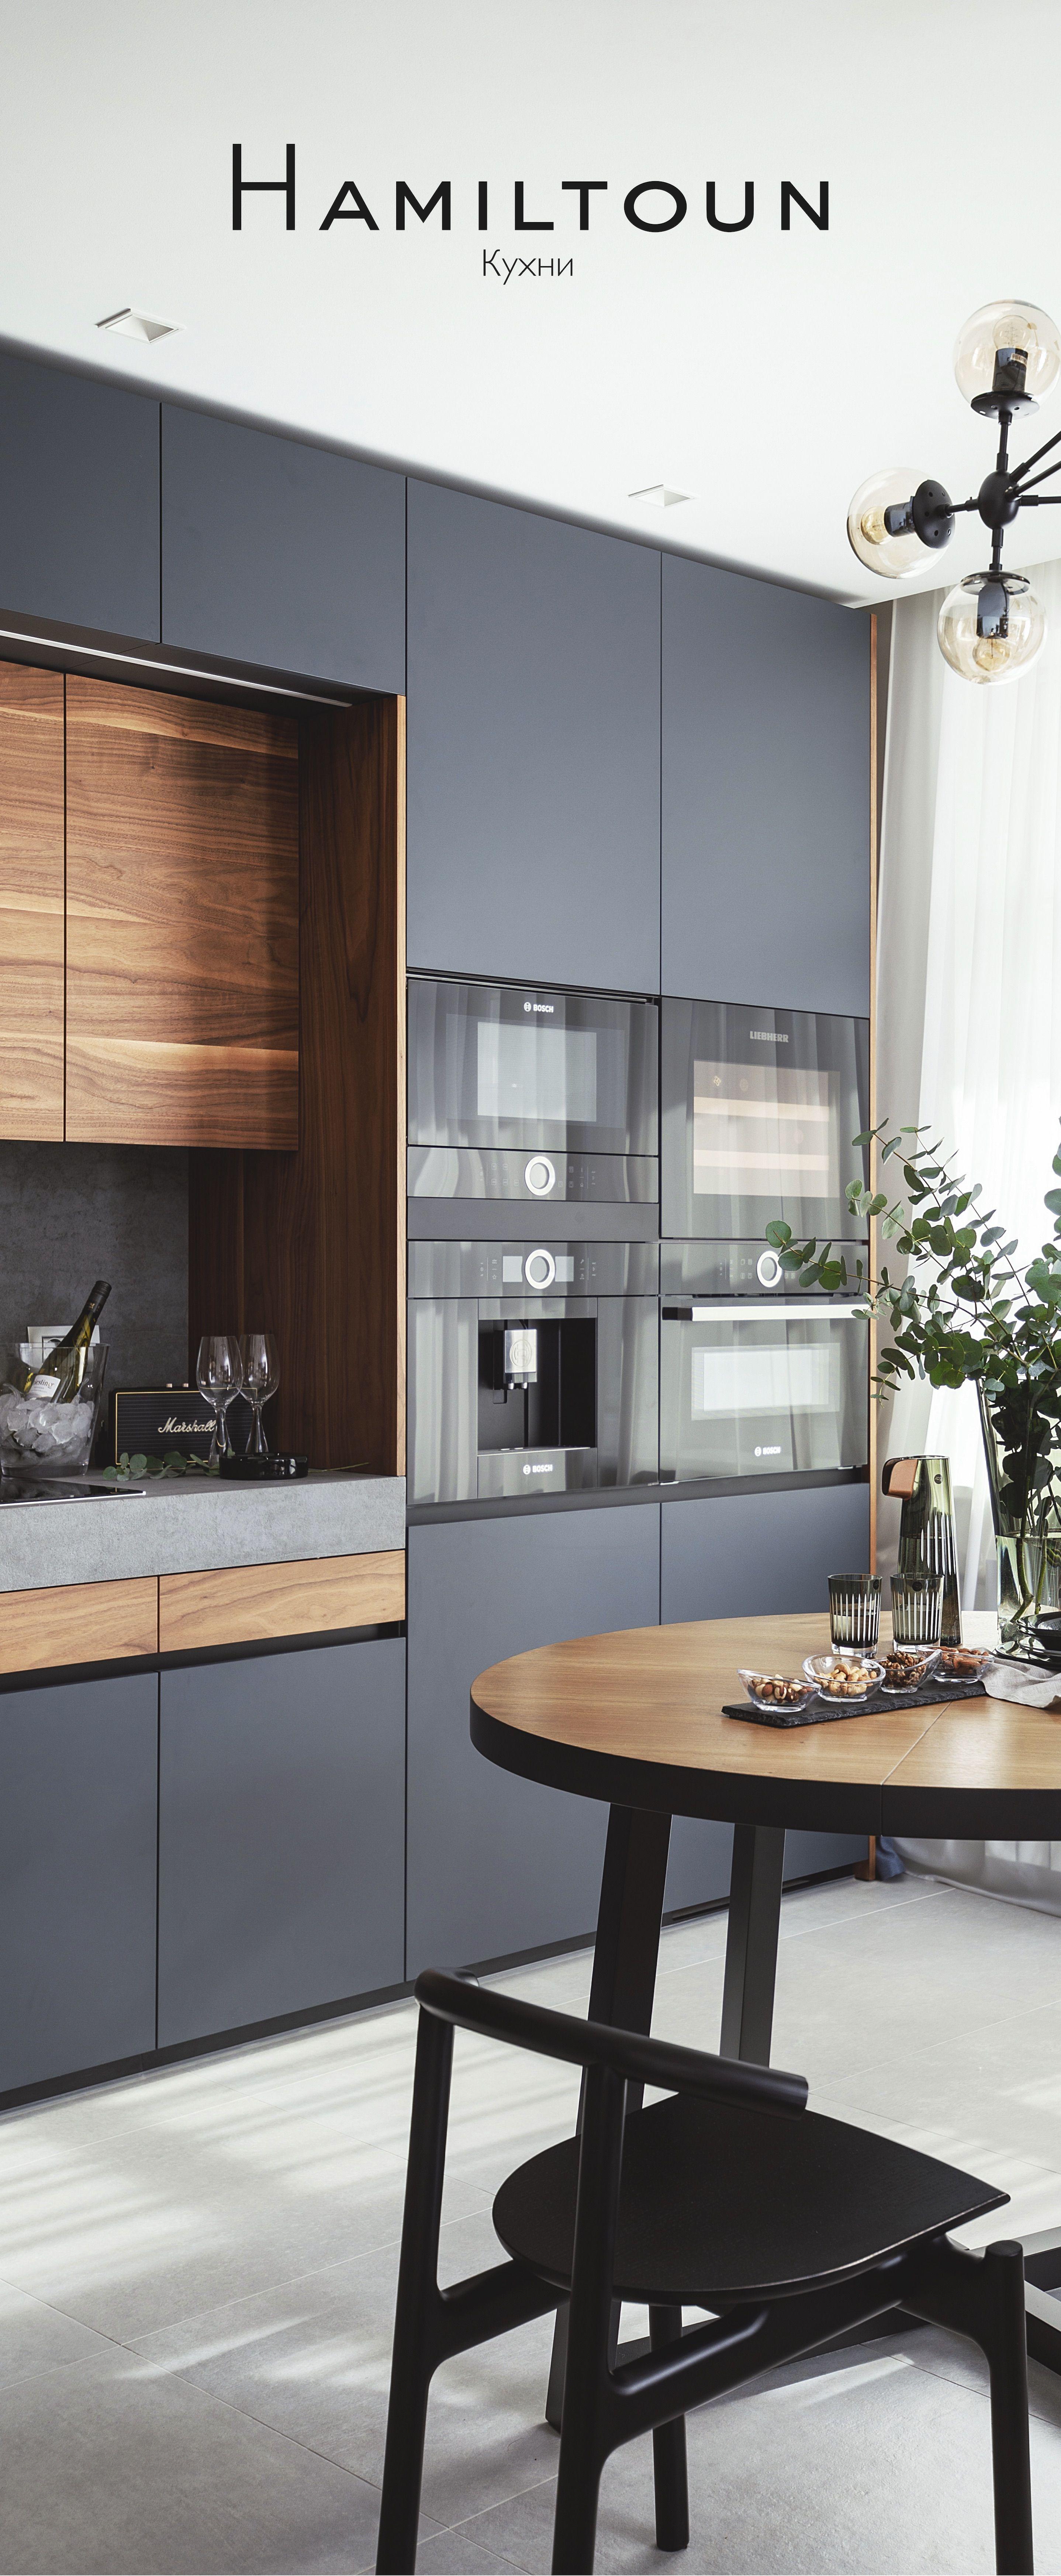 Pin on Kitchen Design / Interior Ideas